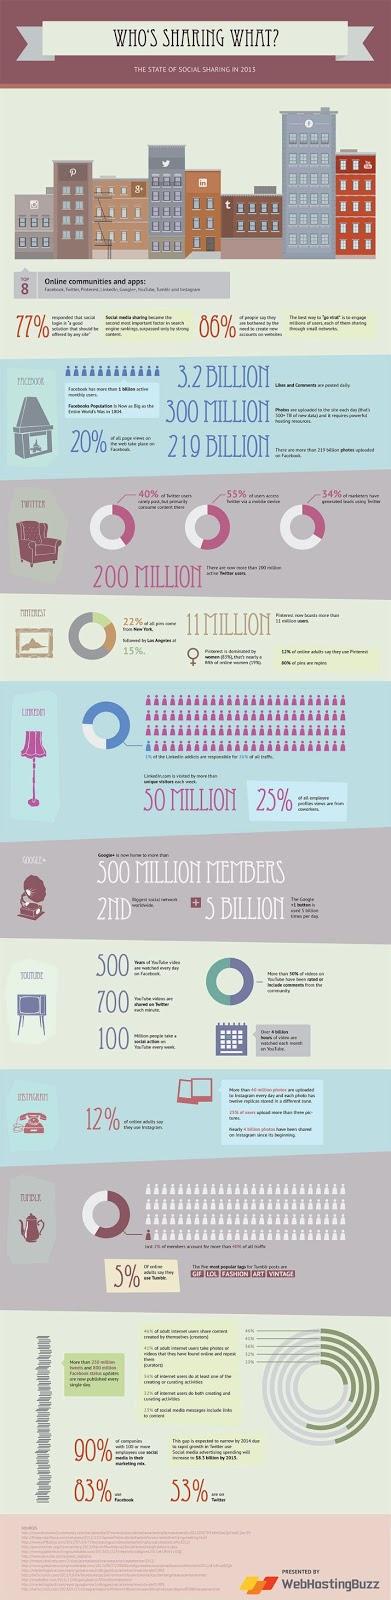 social media sharing 2013